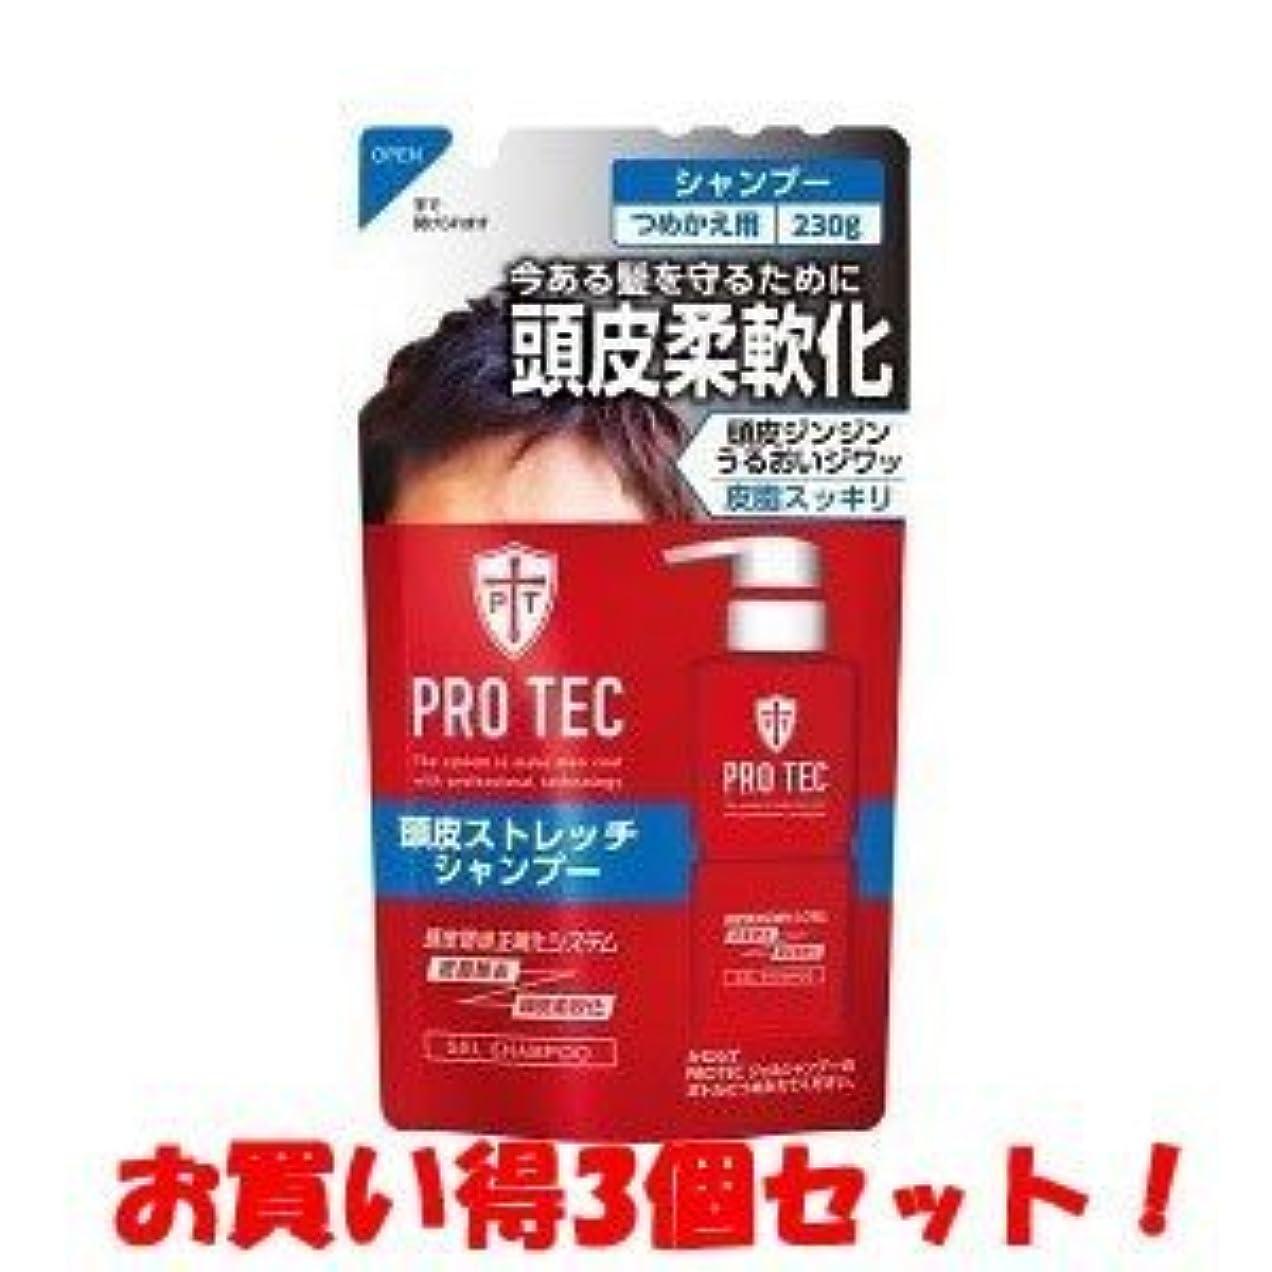 意識的口径悪行(ライオン)PRO TEC(プロテク) 頭皮ストレッチ シャンプー つめかえ用 230g(医薬部外品)(お買い得3個セット)